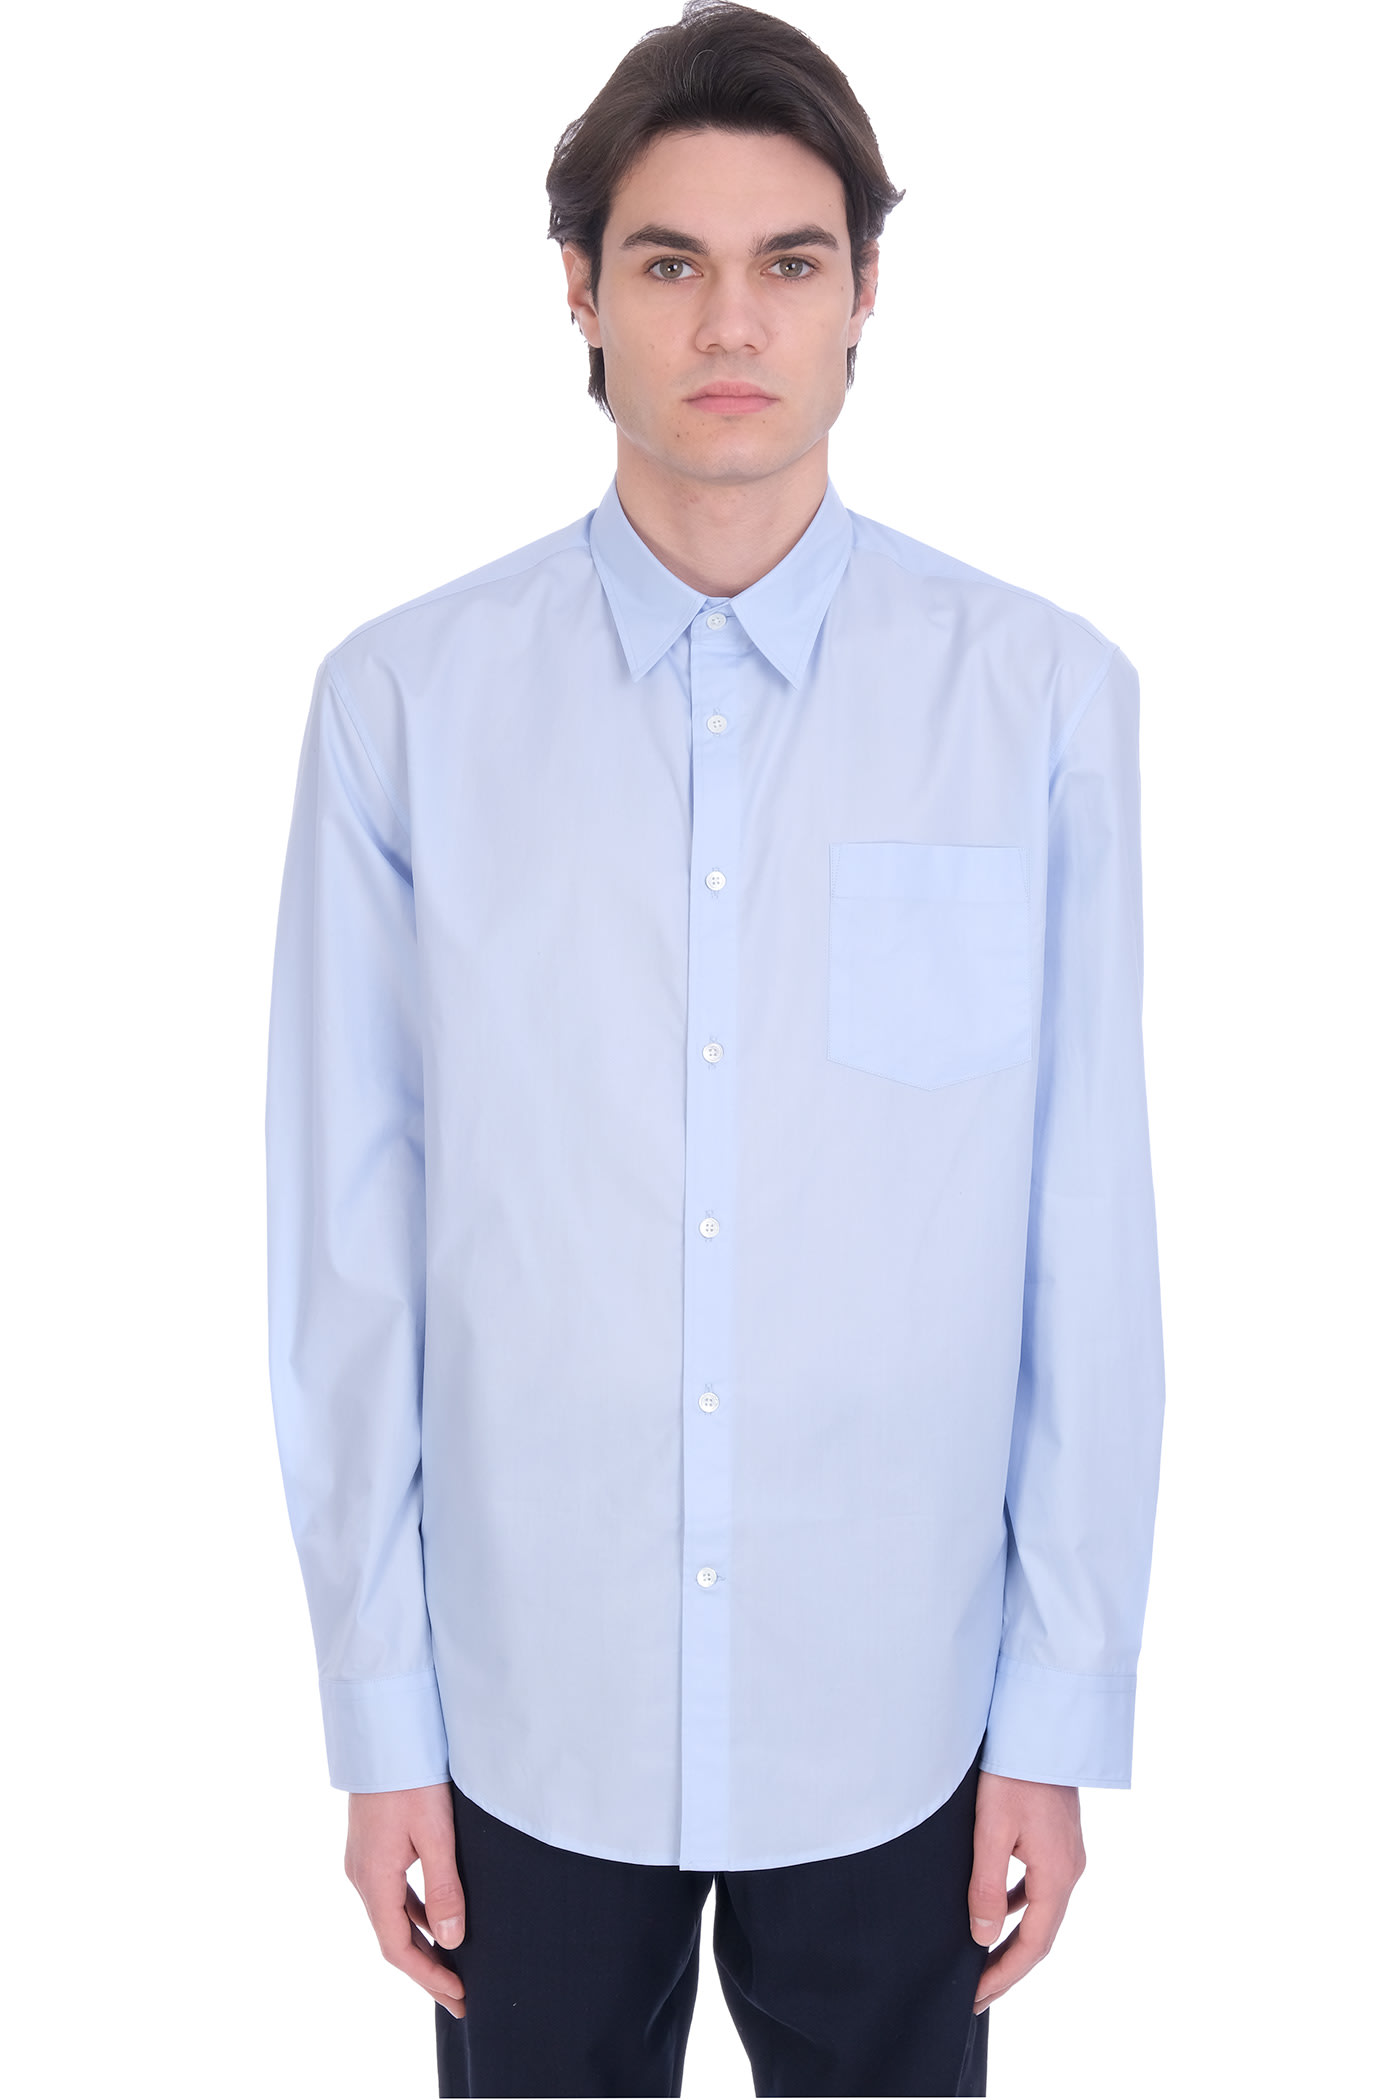 Shirt In Cyan Cotton